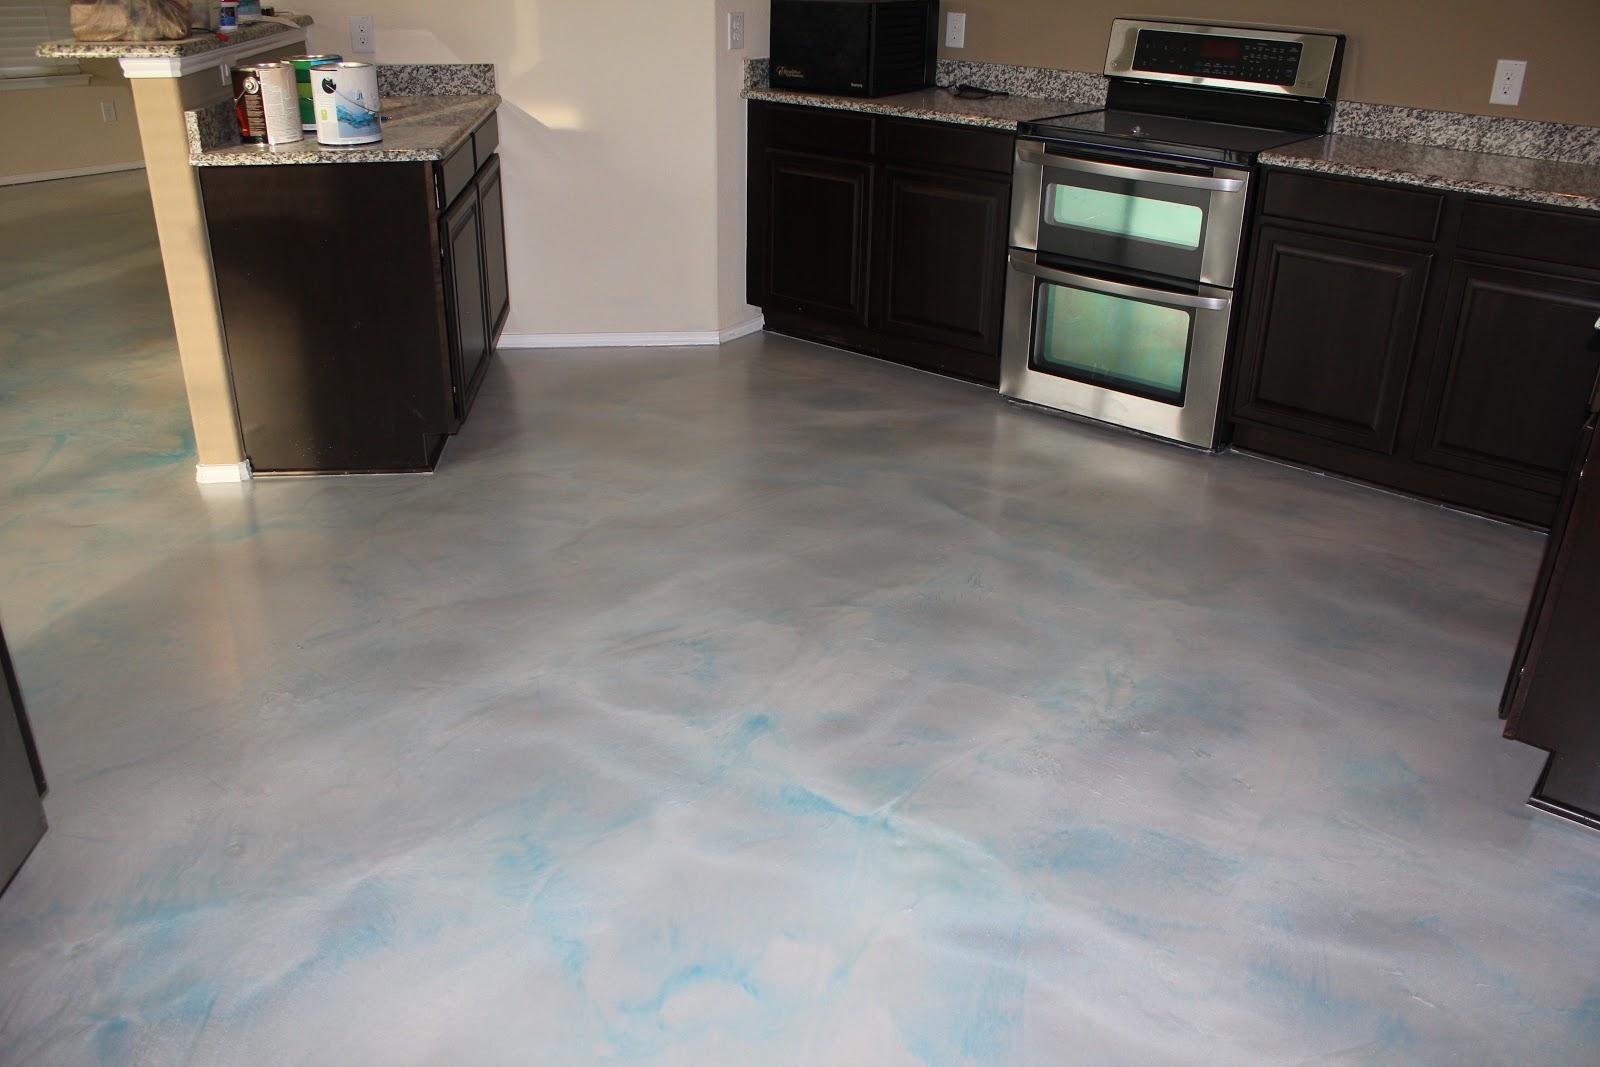 epoxy floor coatings: metallic epoxy in a house - aubrey, texas